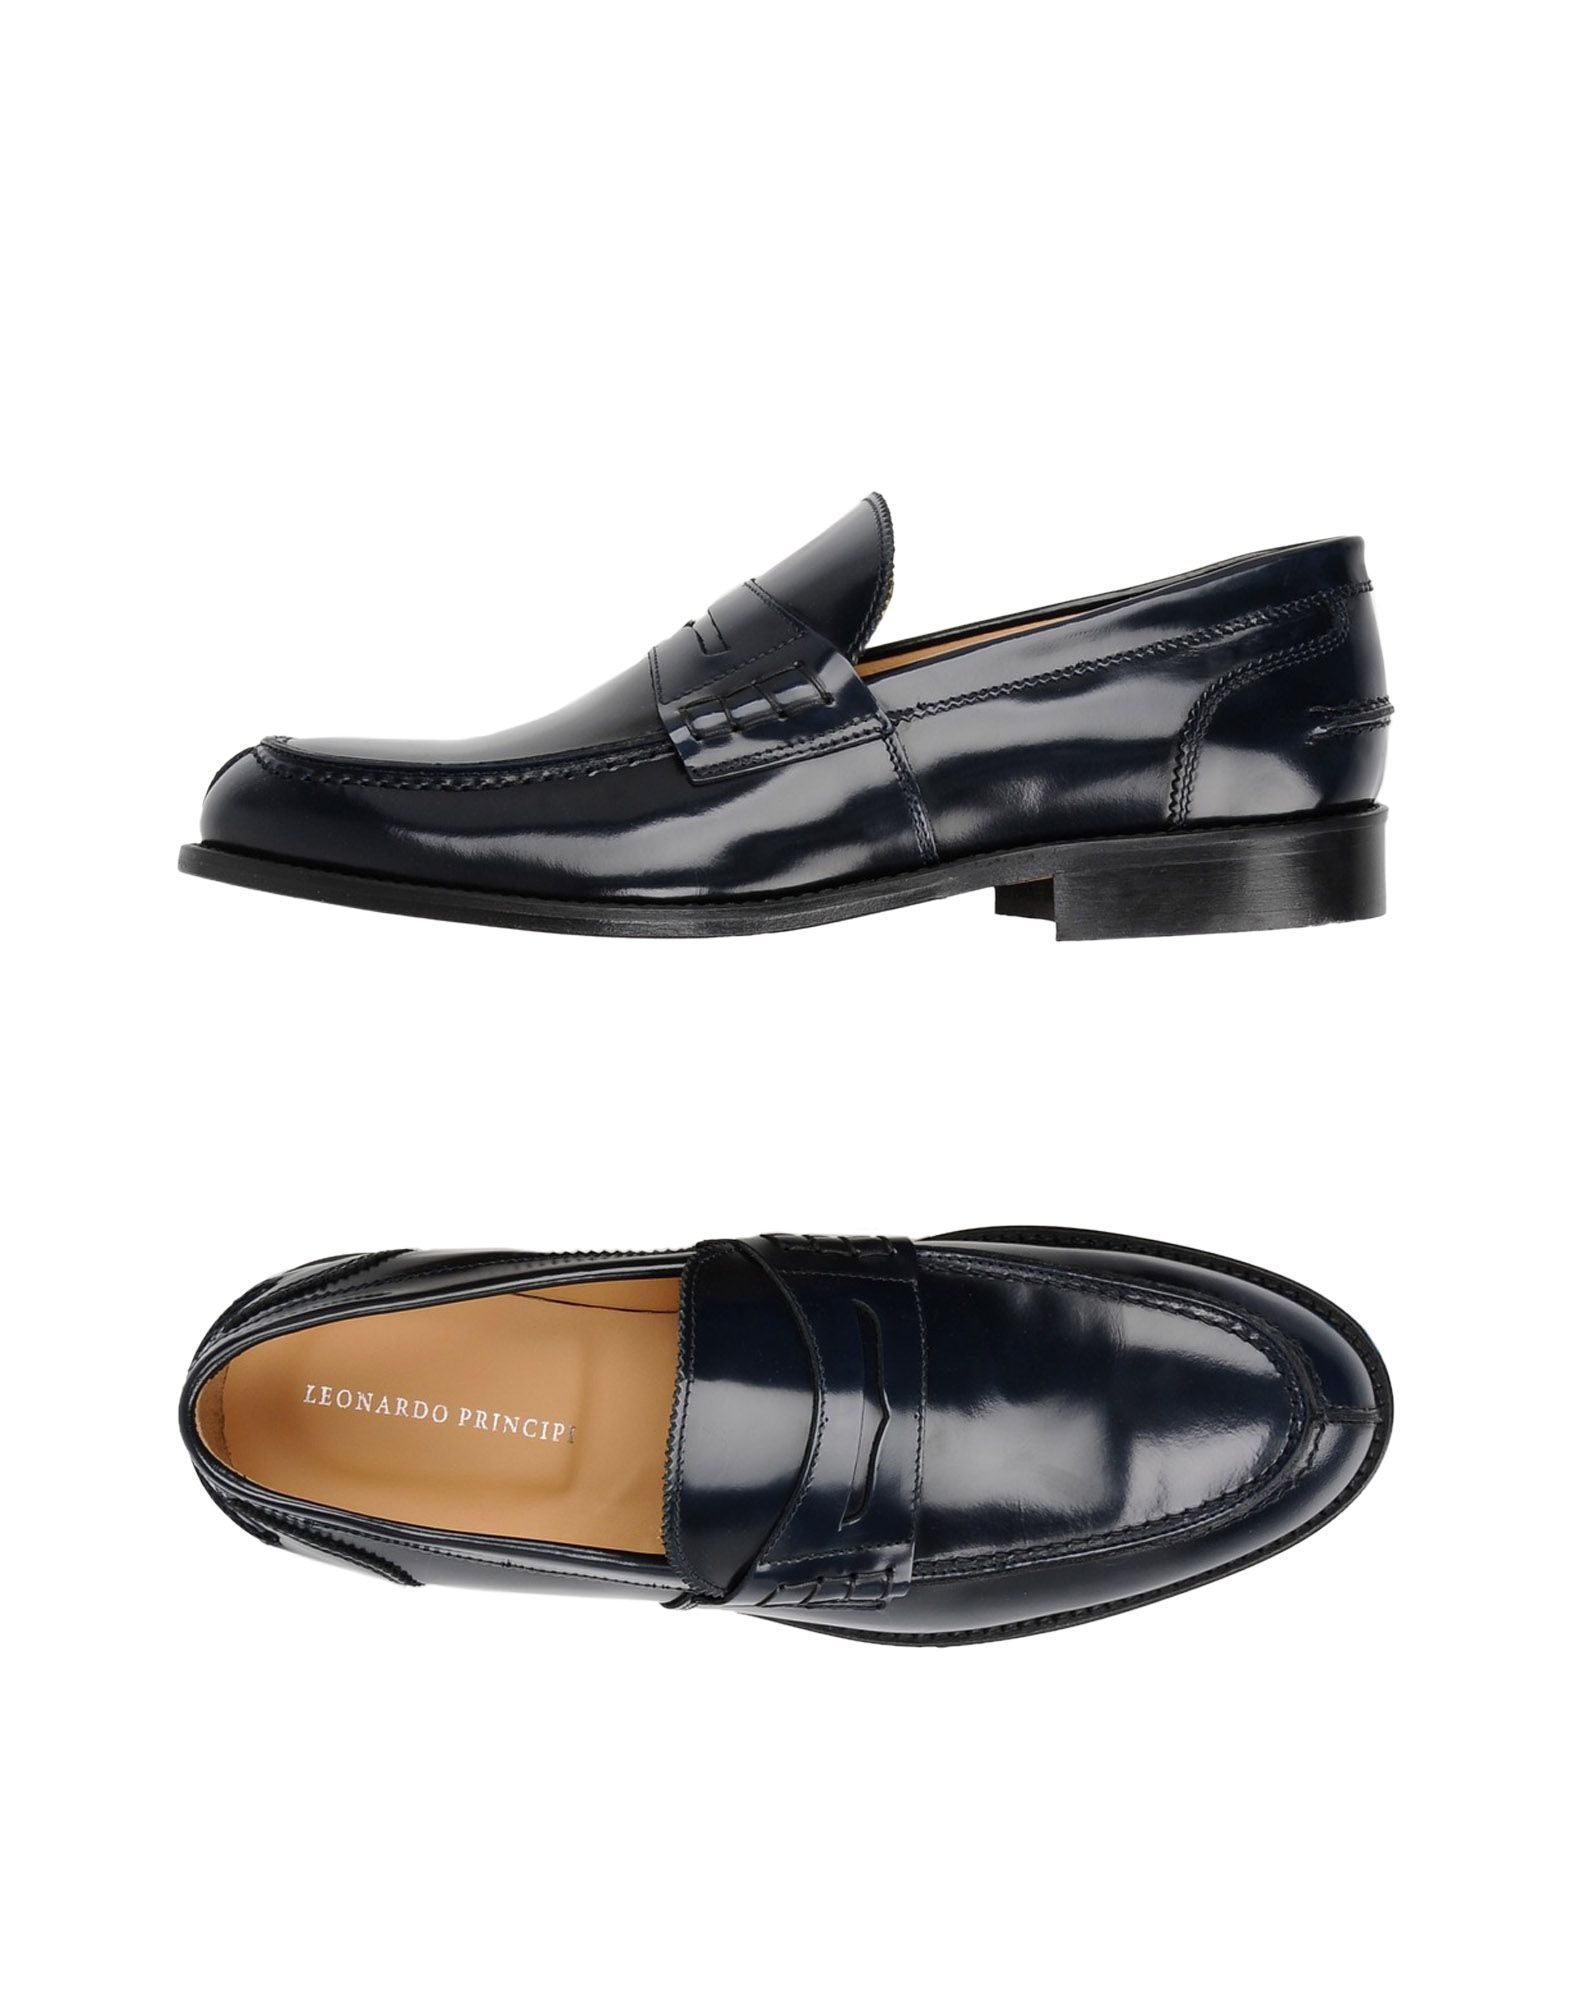 Rabatt echte Schuhe Leonardo Principi Mokassins Herren  11422981PT